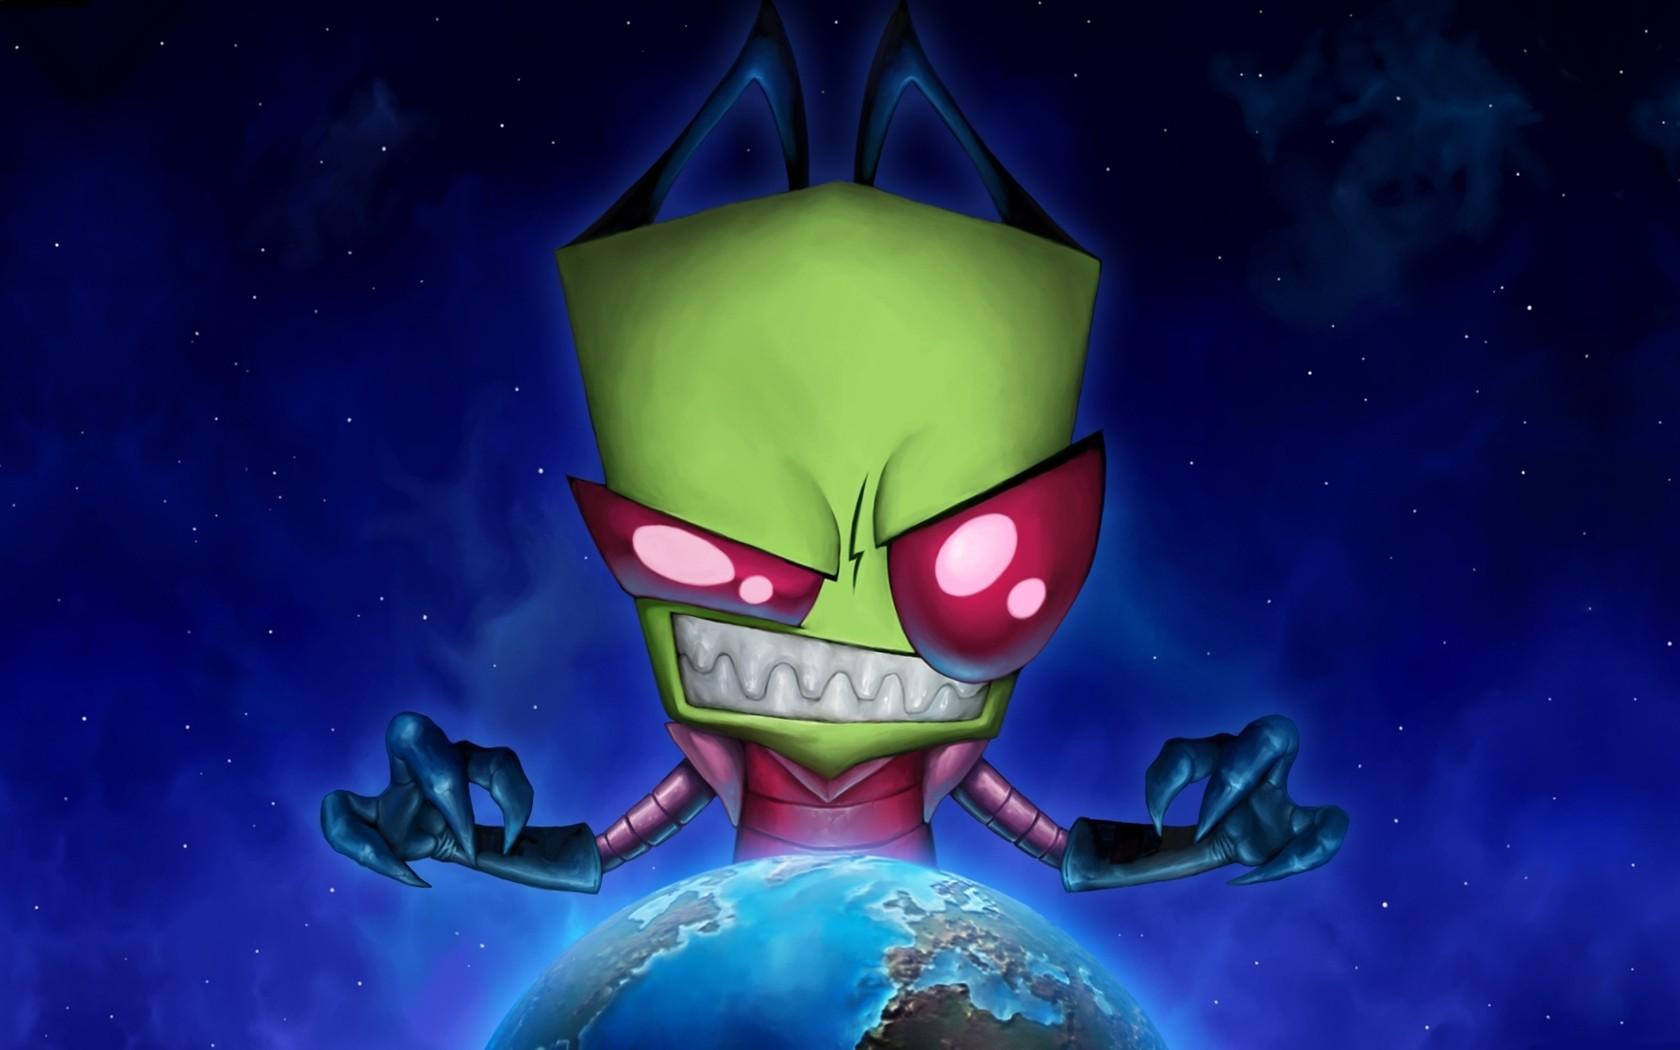 Le storie di paura di masha la paura degli alieni video raiplay